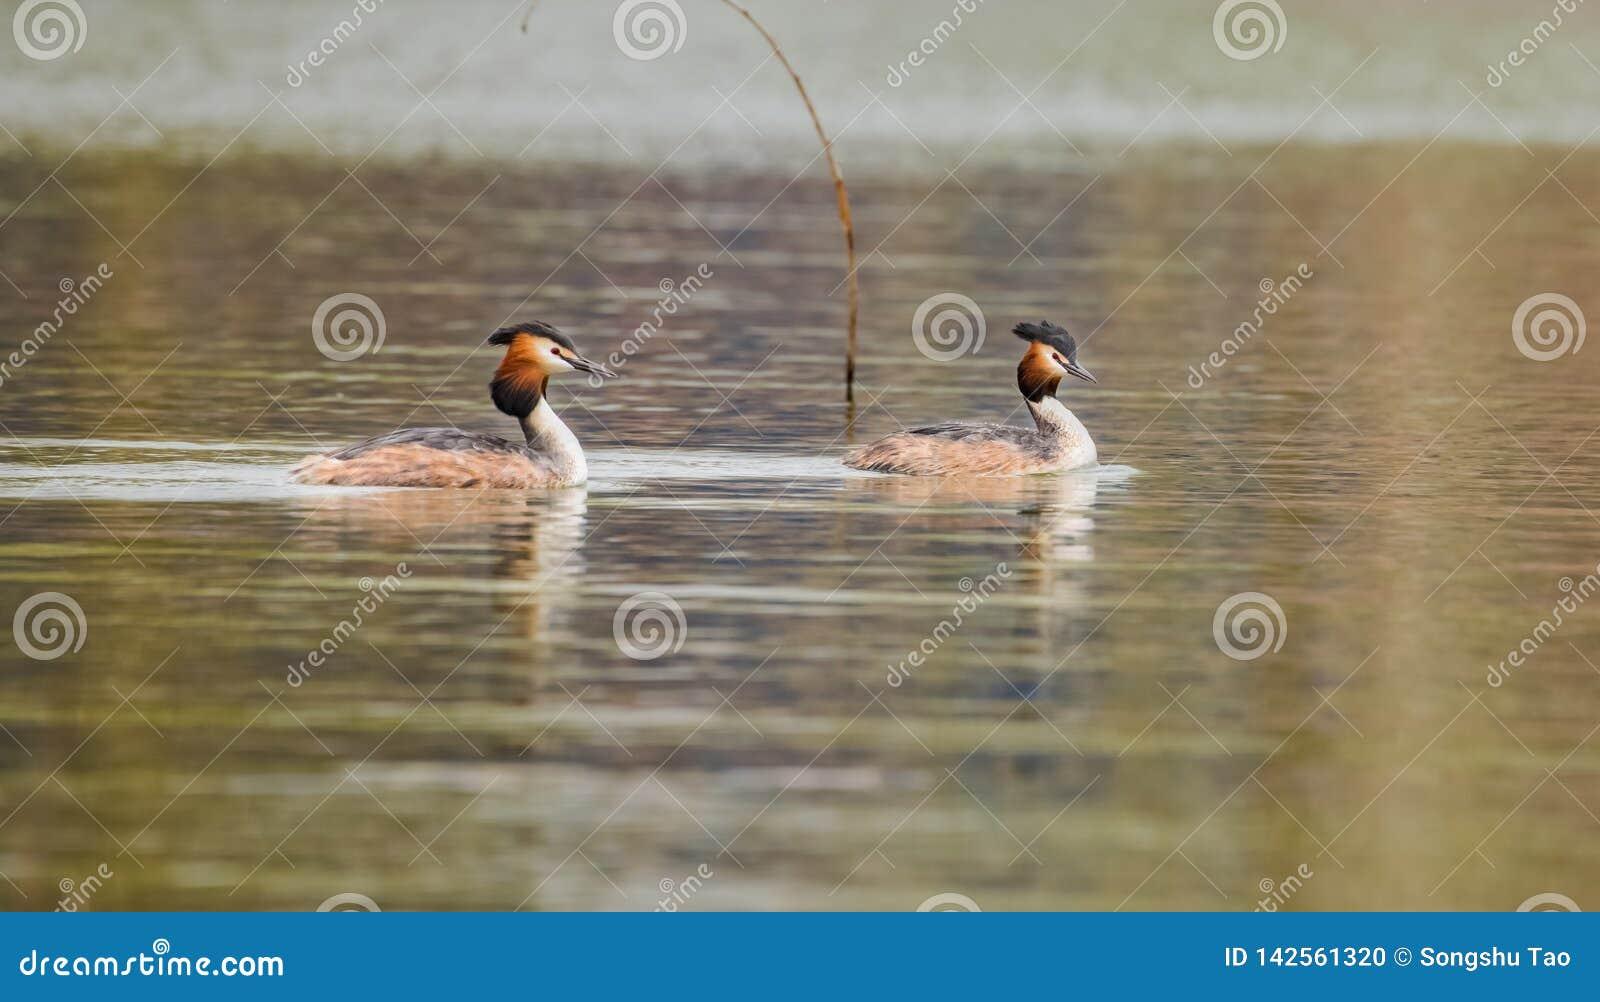 Spring River Plumbing Duck Prophet